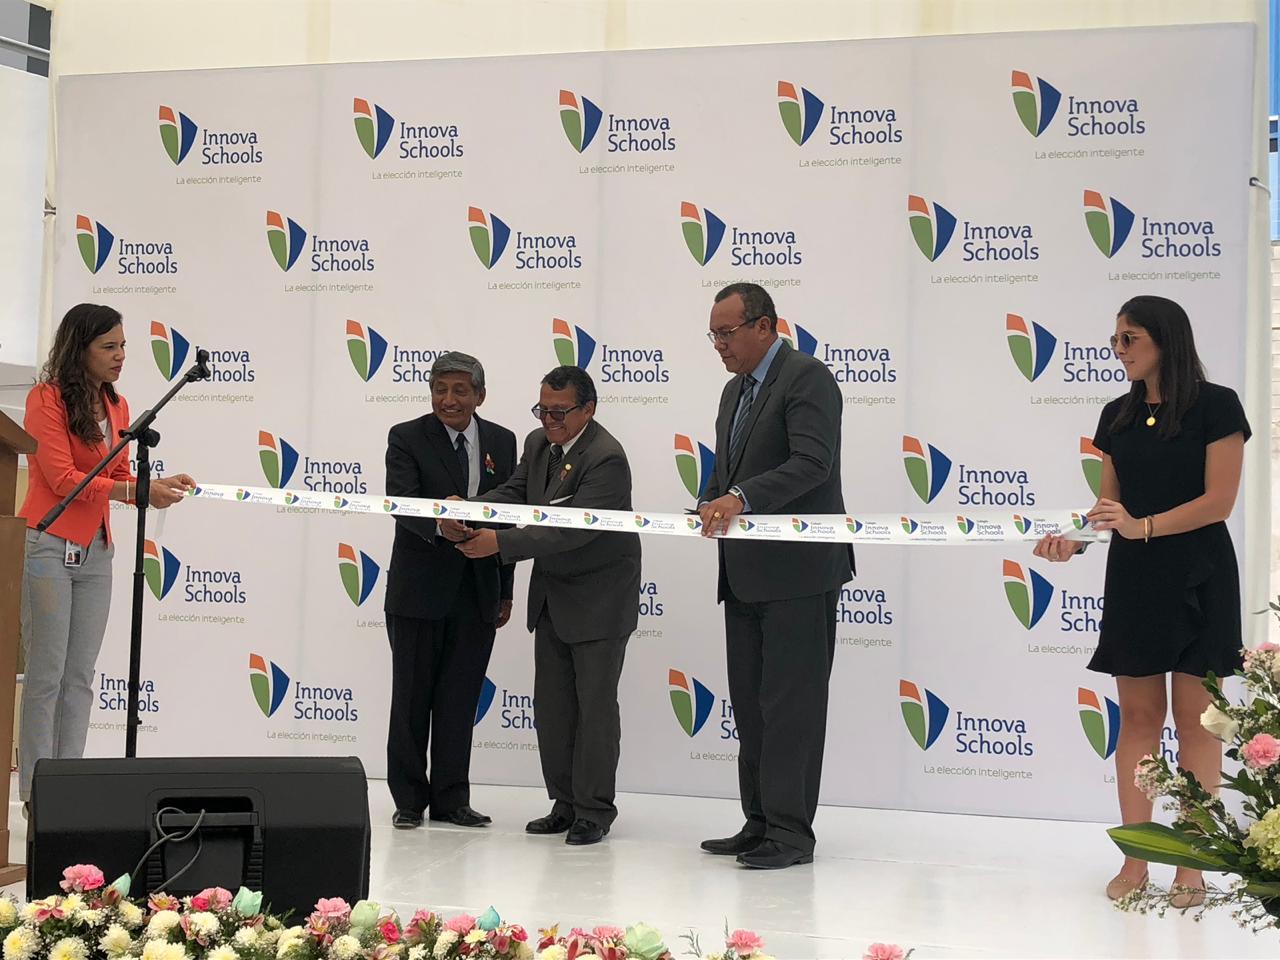 Innova Schools inauguró su primera sede en Moquegua